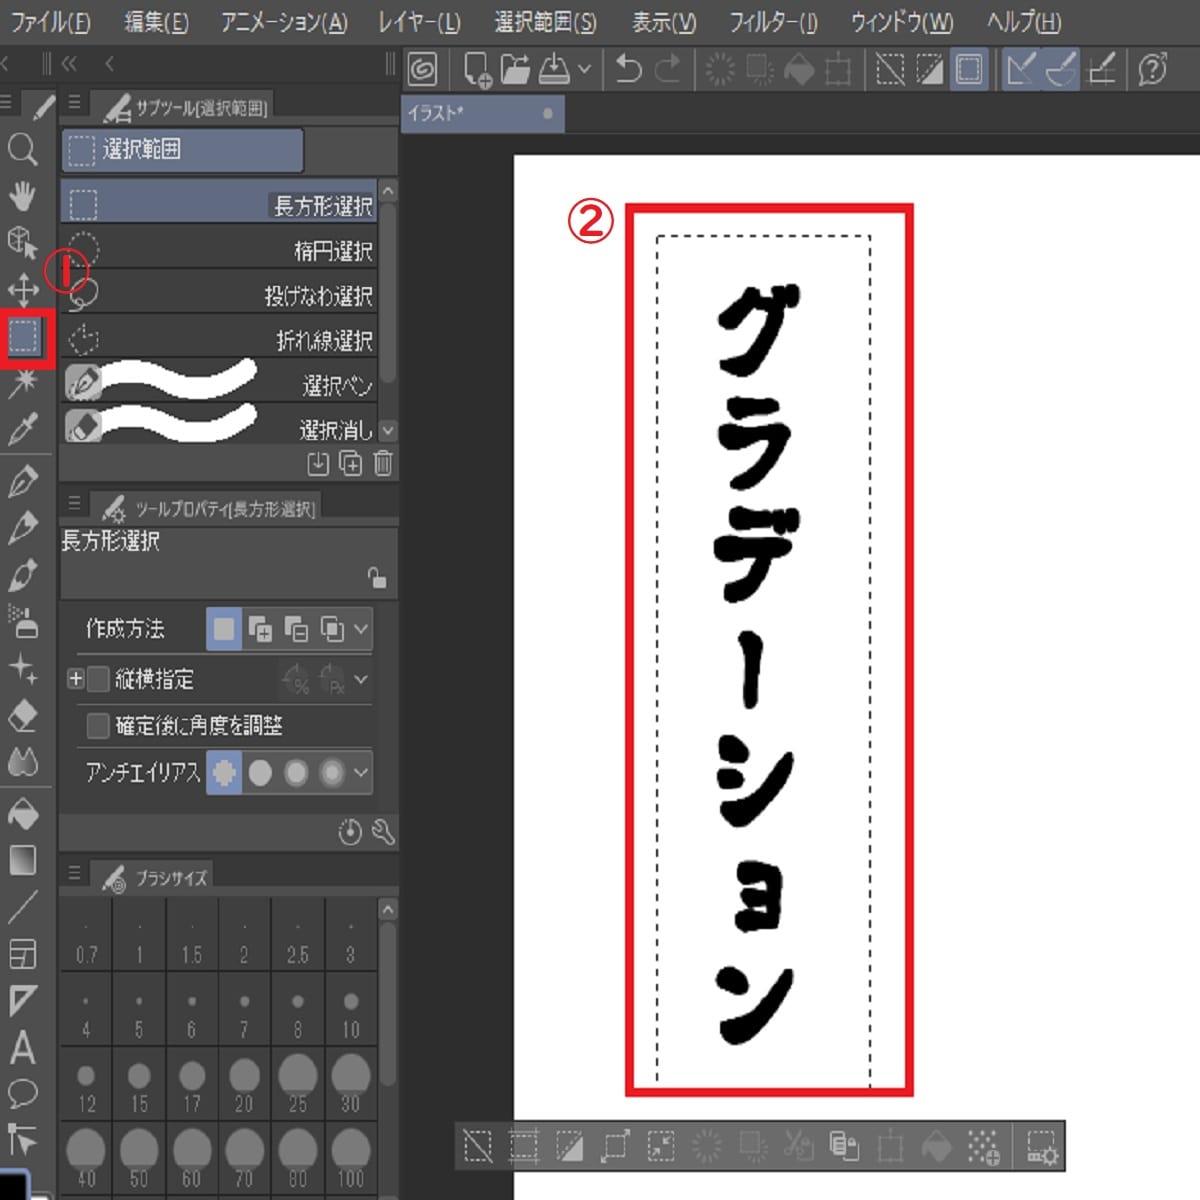 クリスタ文字グラデーション画像